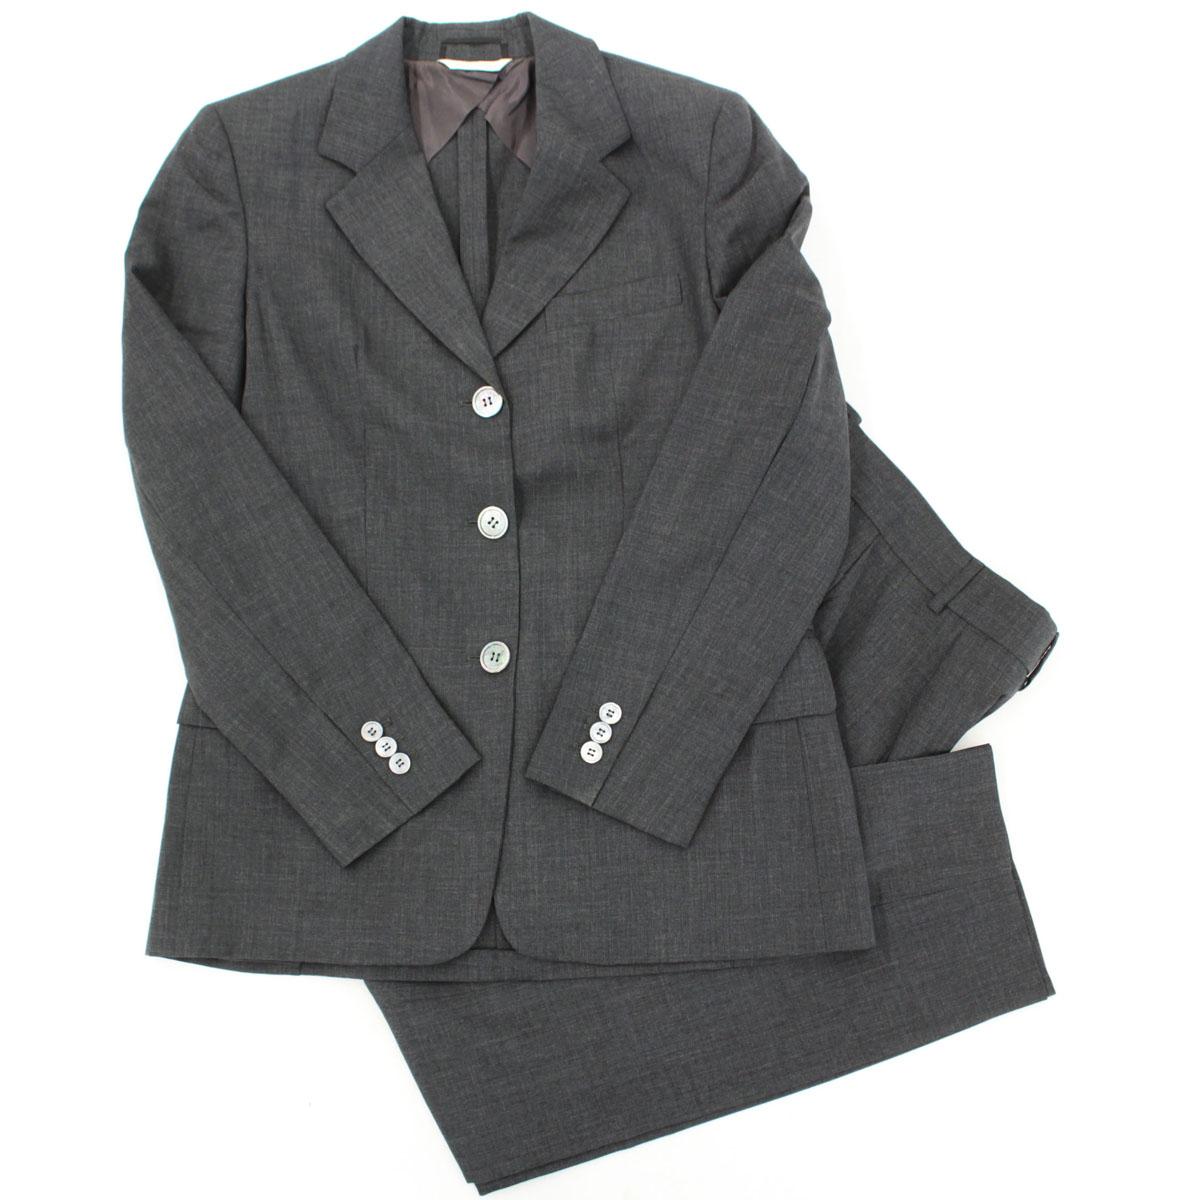 【中古】★MaxMara マックスマーラ ウール100% パンツスーツ サイズ38★  grey /グレー/セットアップ/ビジネス/M相当/22623-RH0419